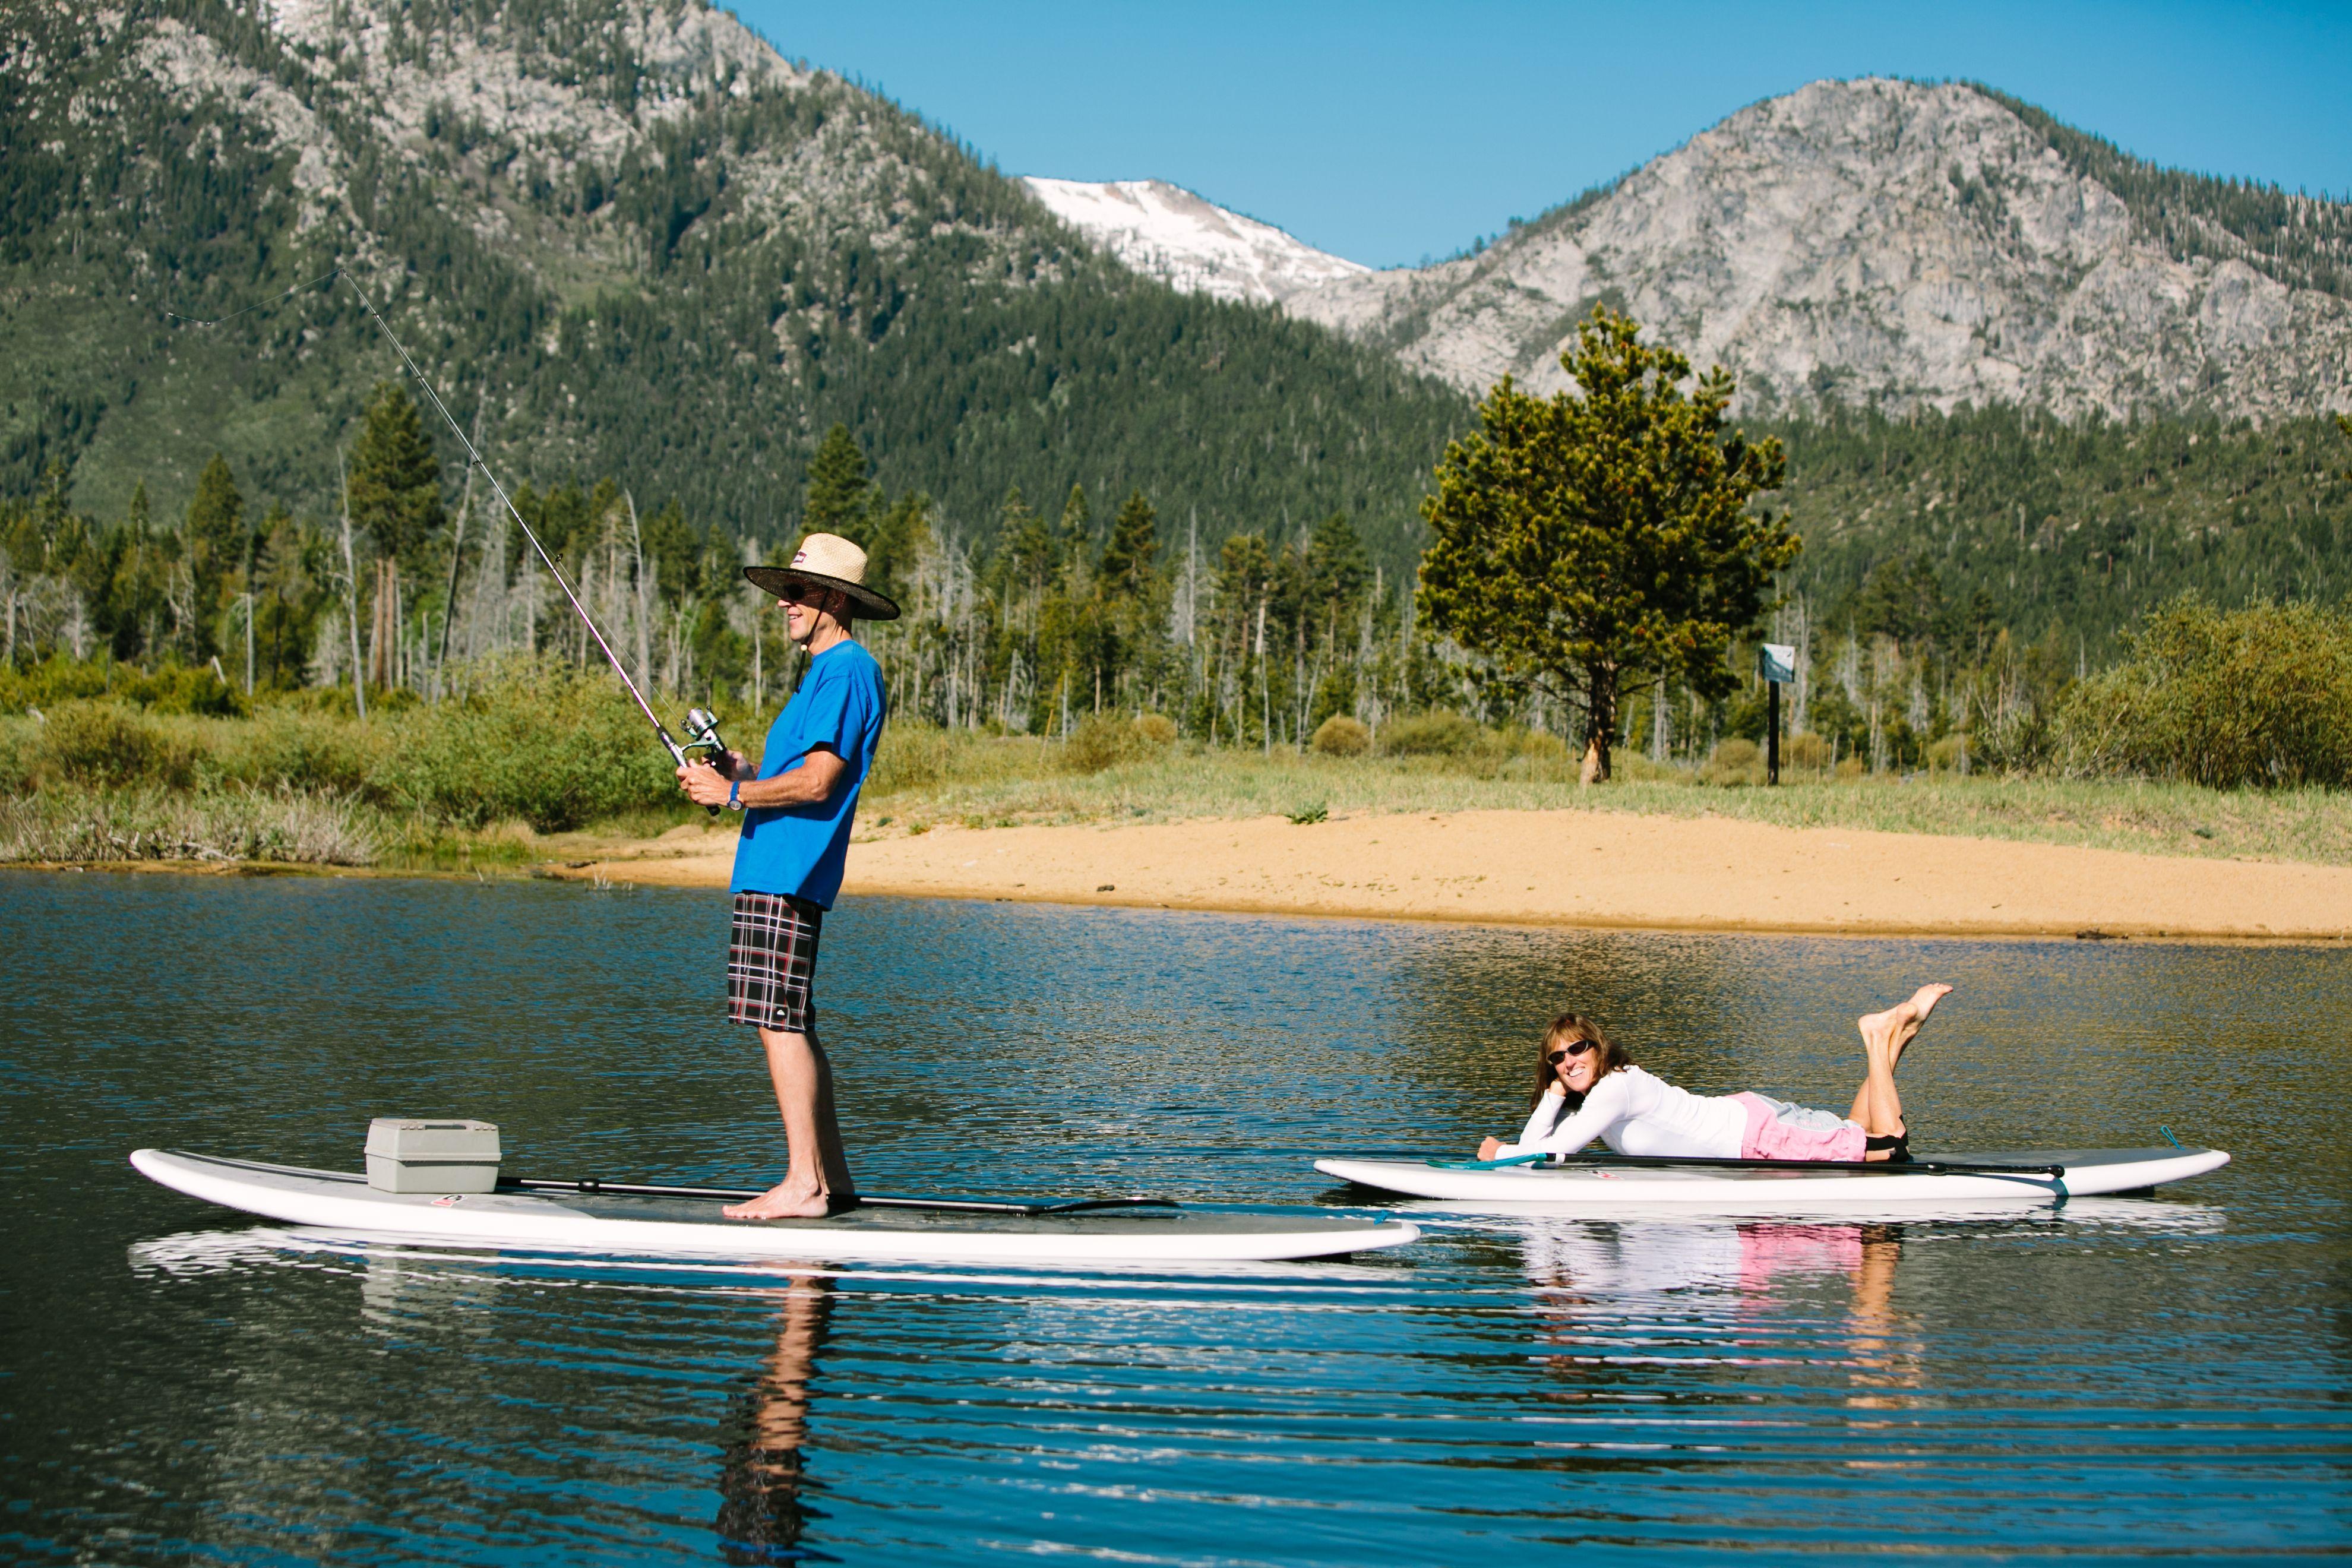 City of south lake tahoe south lake tahoe south lake